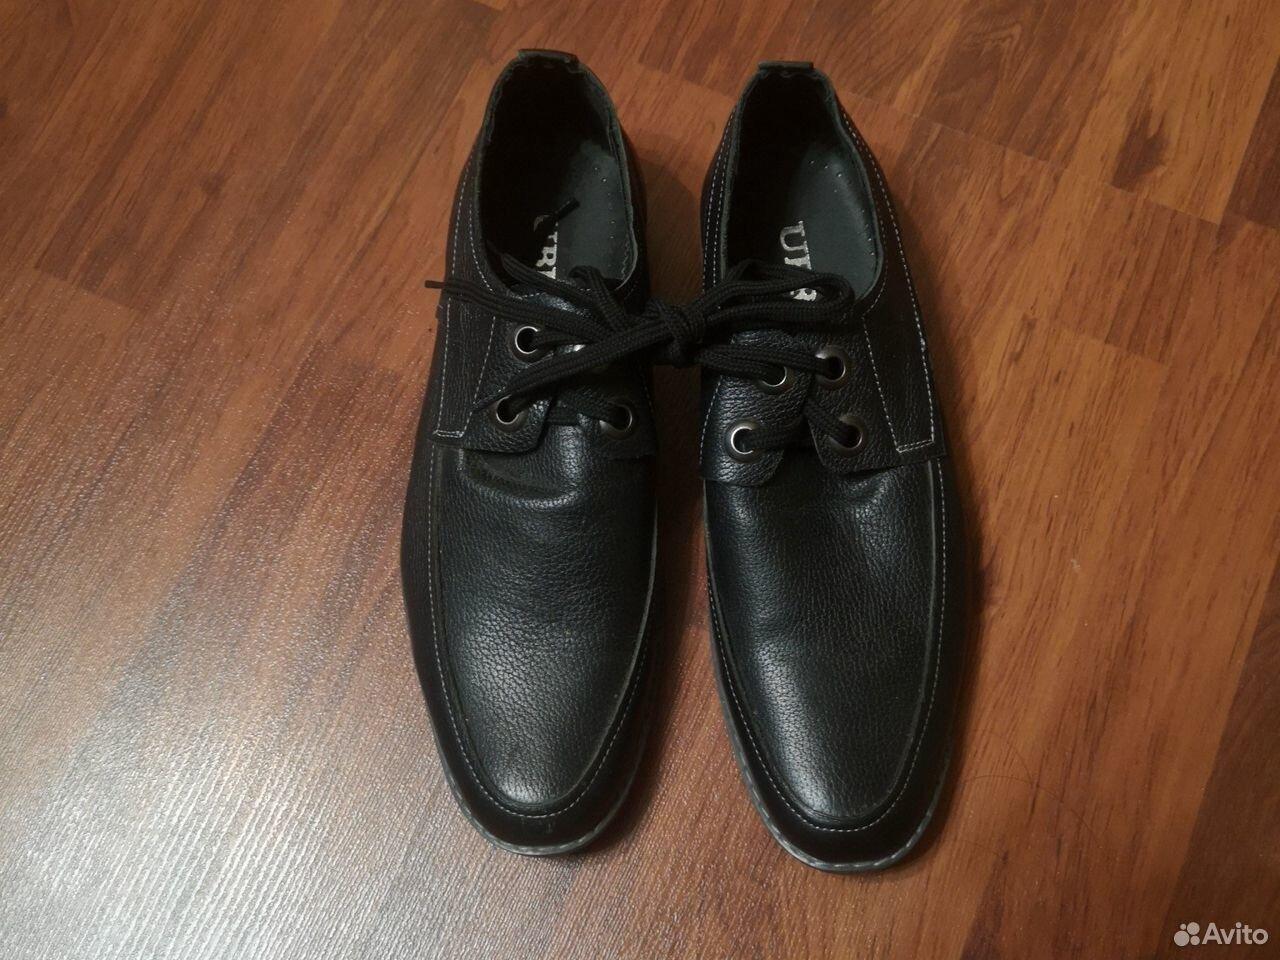 Schuhe  89622314343 kaufen 1